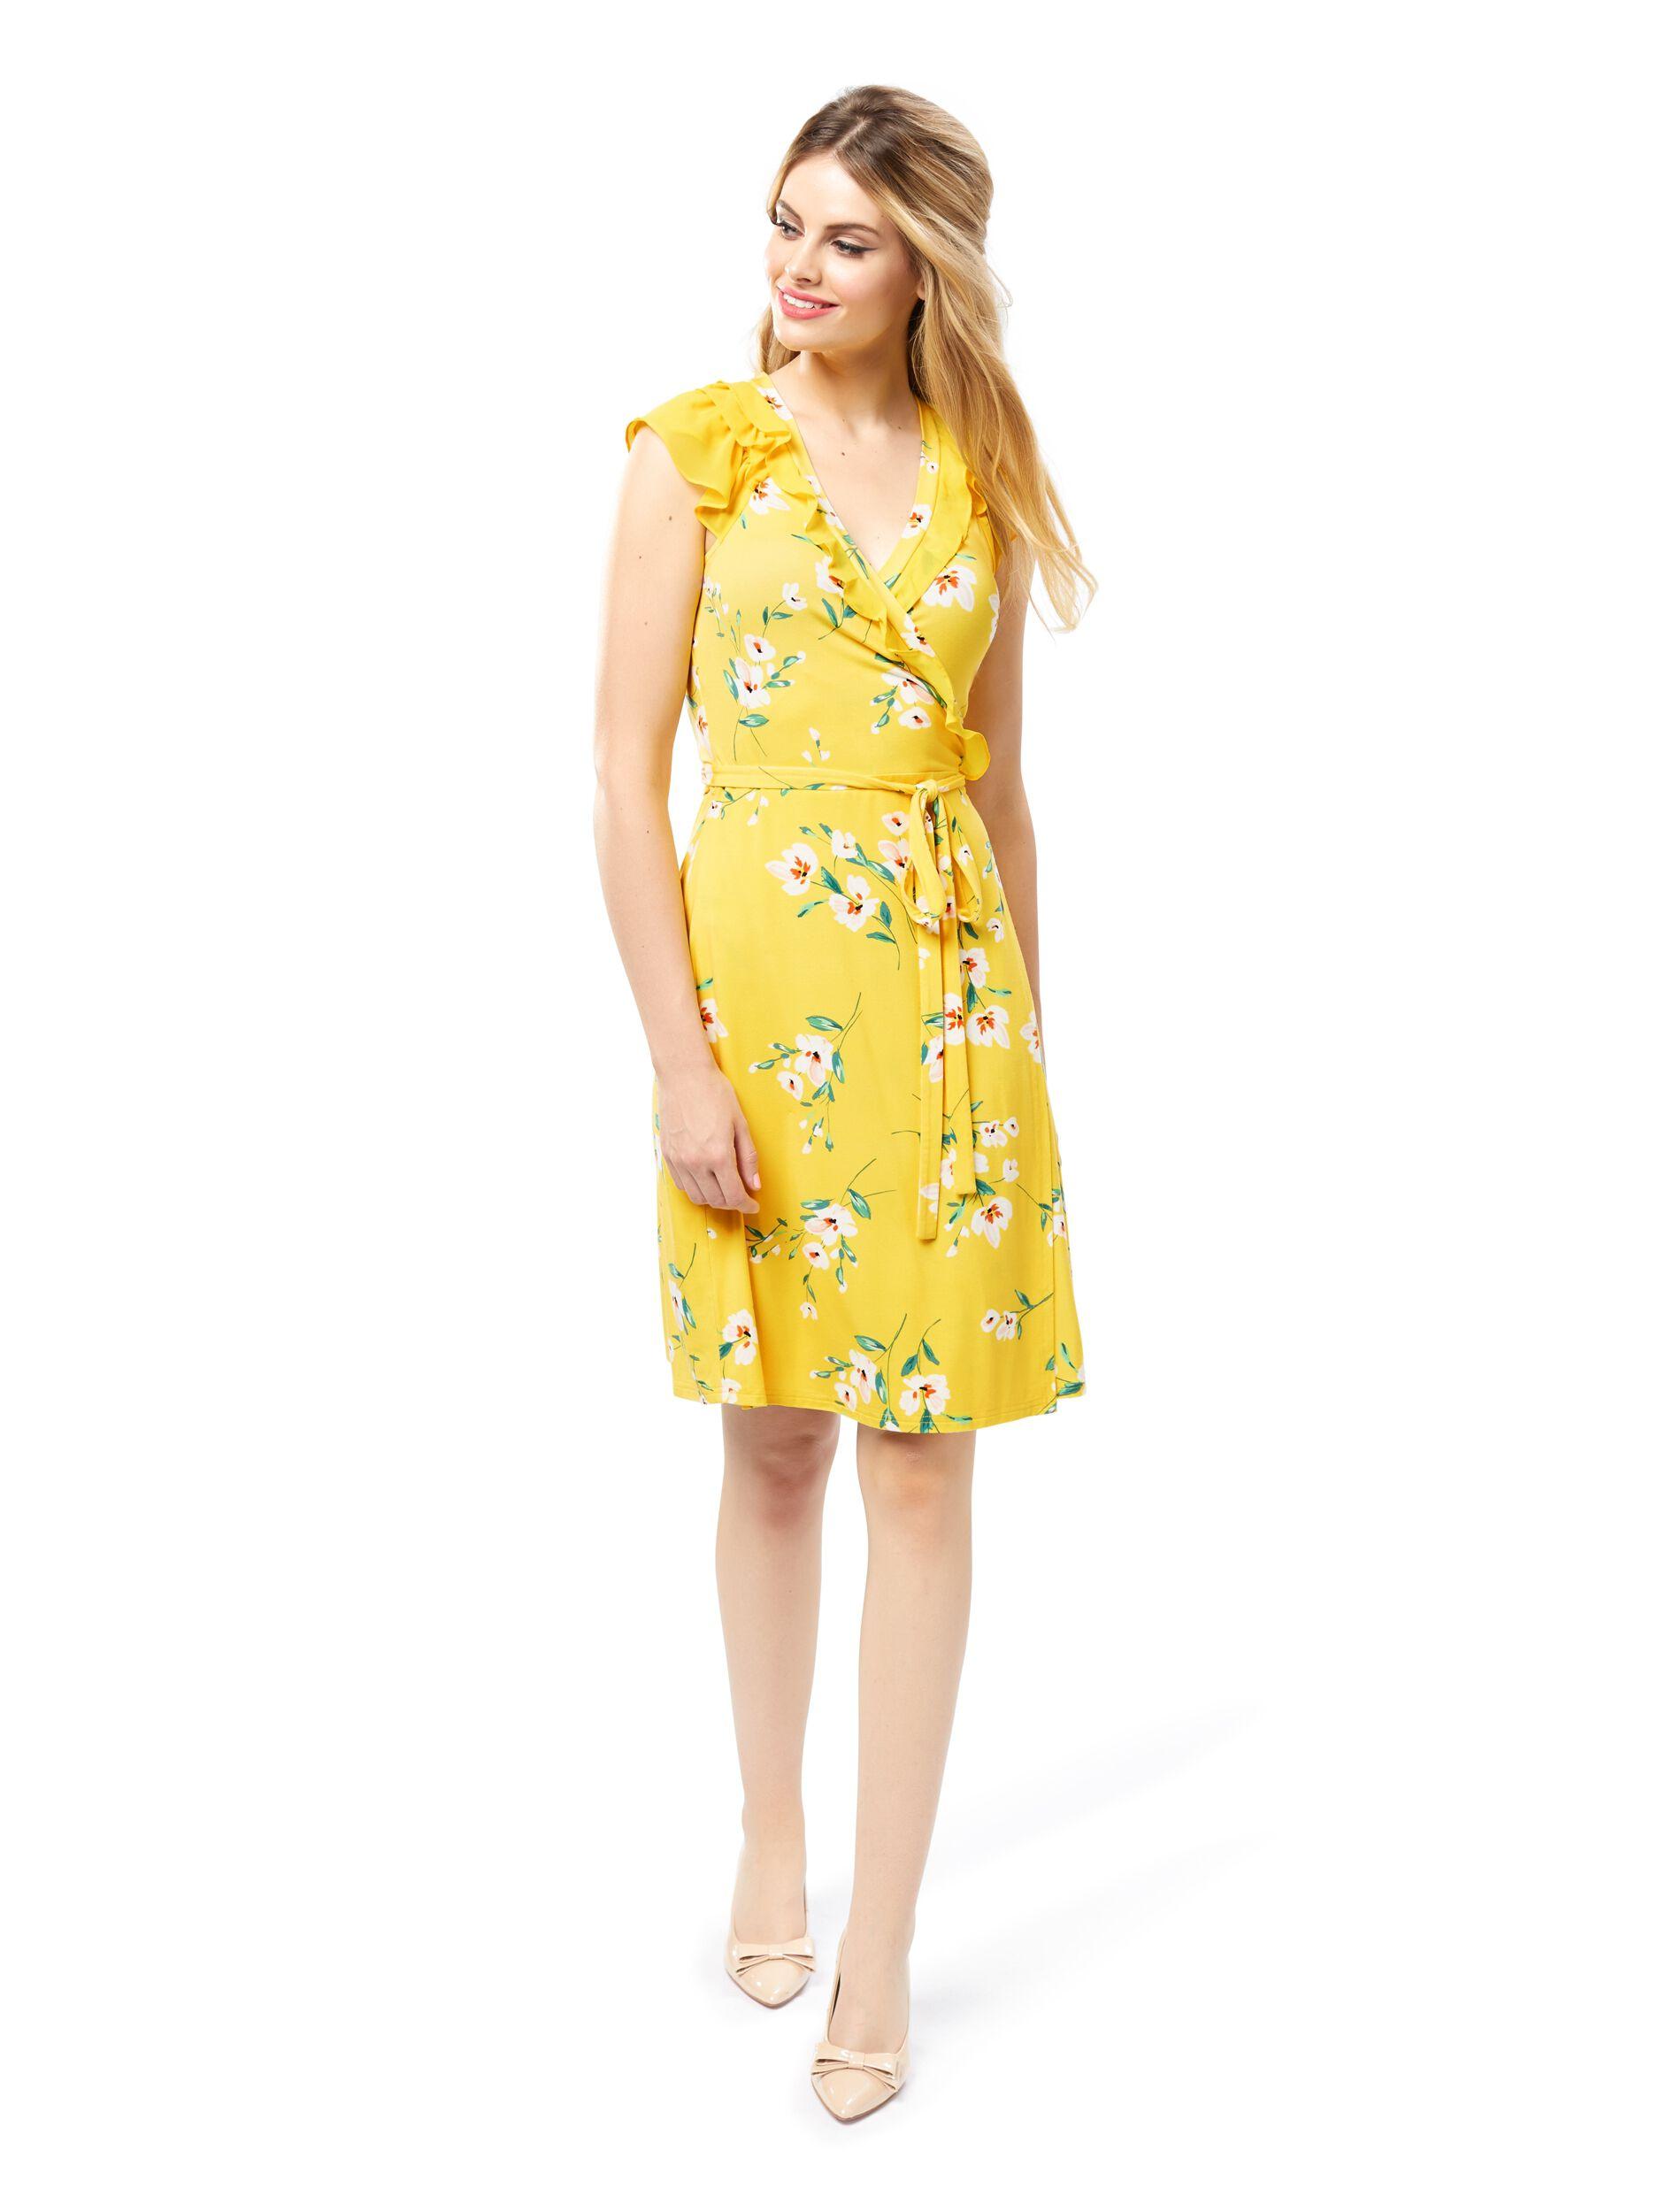 Buttercup Meadow Dress